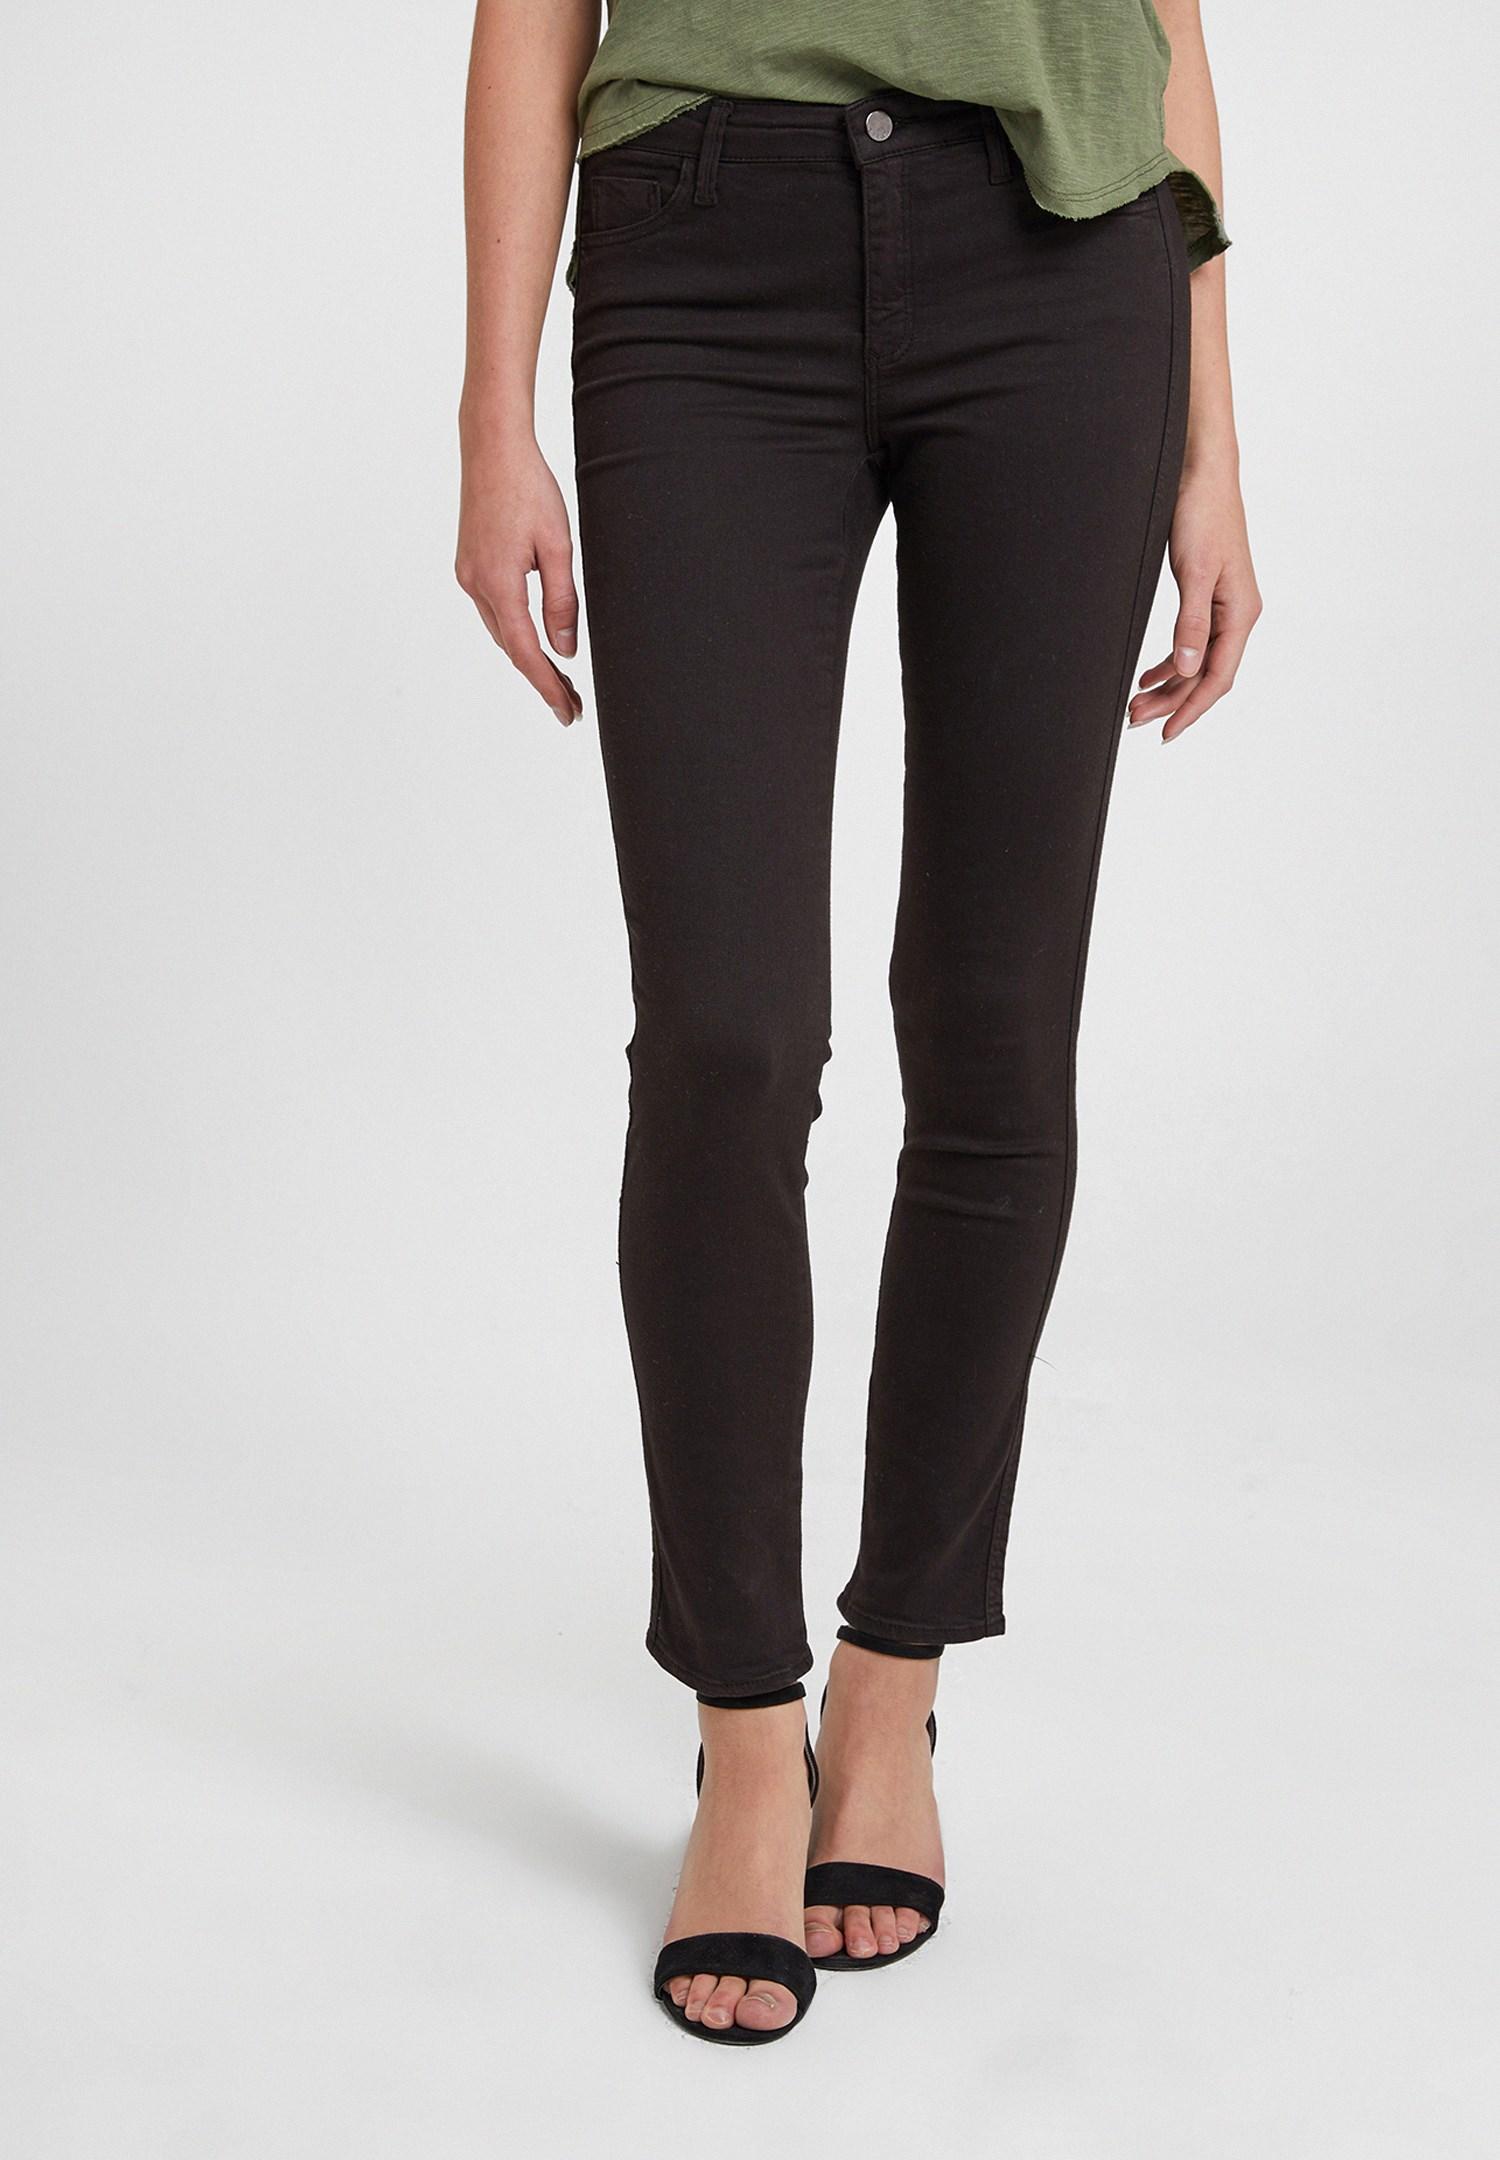 Bayan Siyah Orta Bel Dar Paça Pamuklu Pantolon